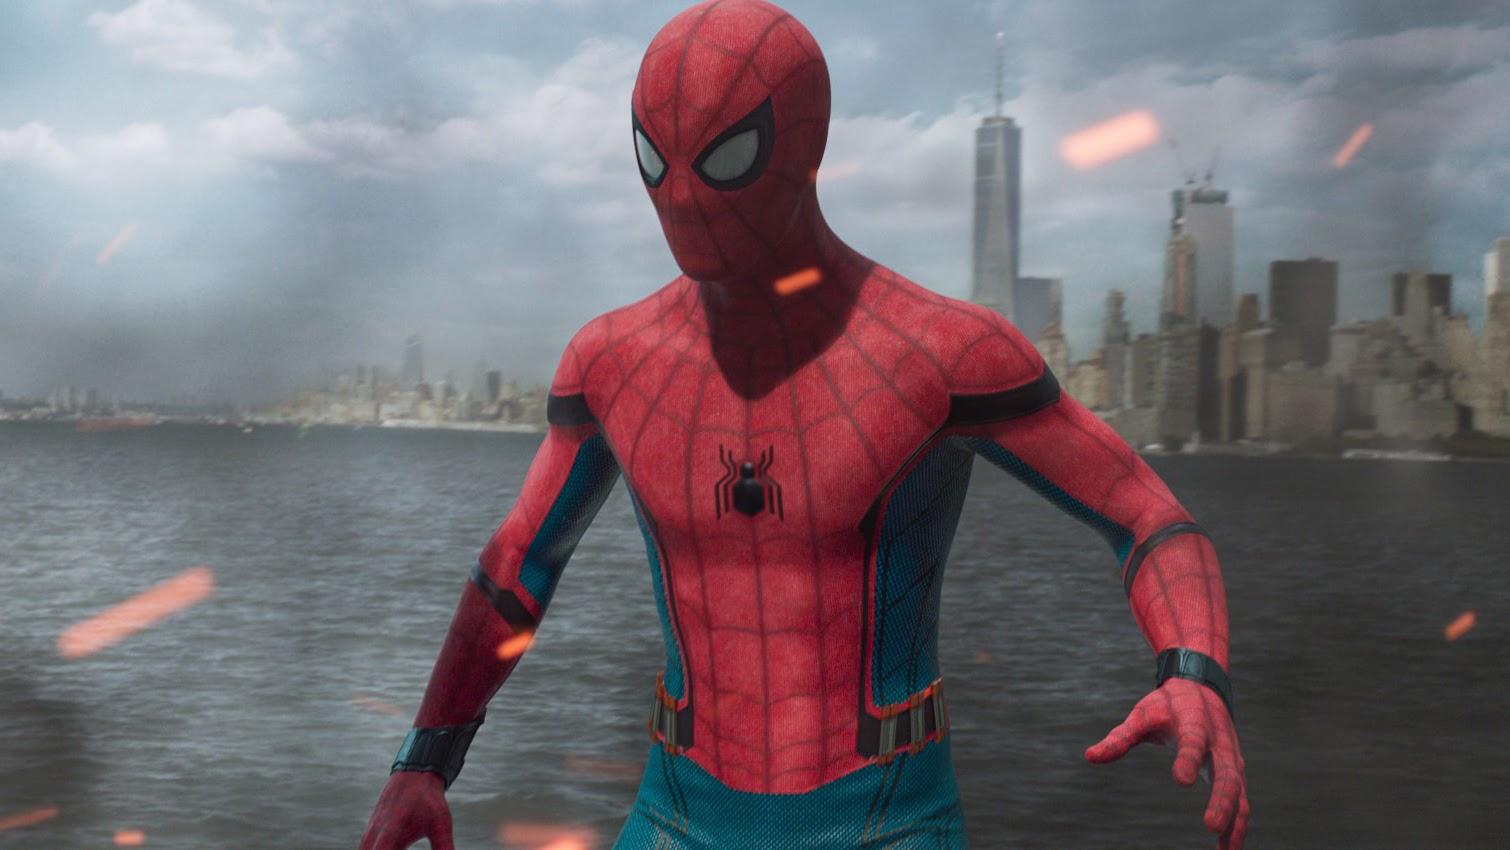 New Stealth Suit from Spider-Man Far From Home:トム・ホランド主演の「スパイダーマン」シリーズの第2弾「ファー・フロム・ホーム」が、少年ヒーローが身につける黒ずくめの新しいコスチュームを初公開 ! !